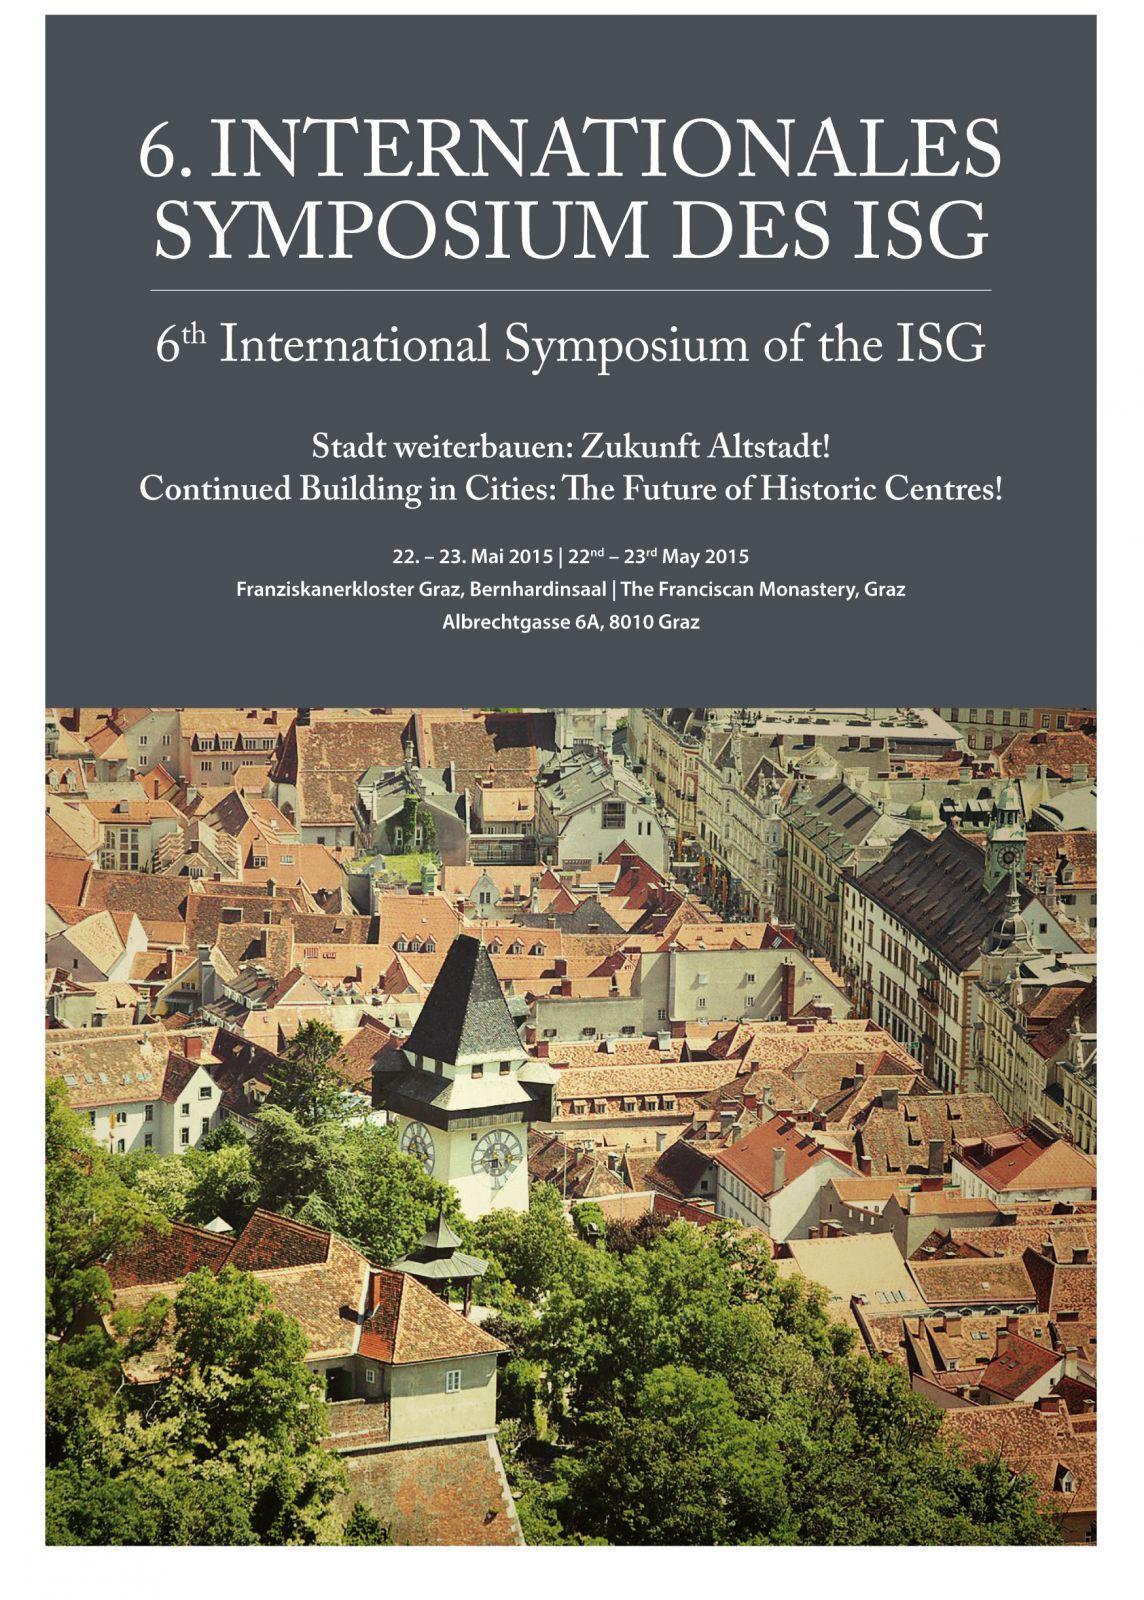 isg-symposium stadt weiterbauen: zukunft altstadt